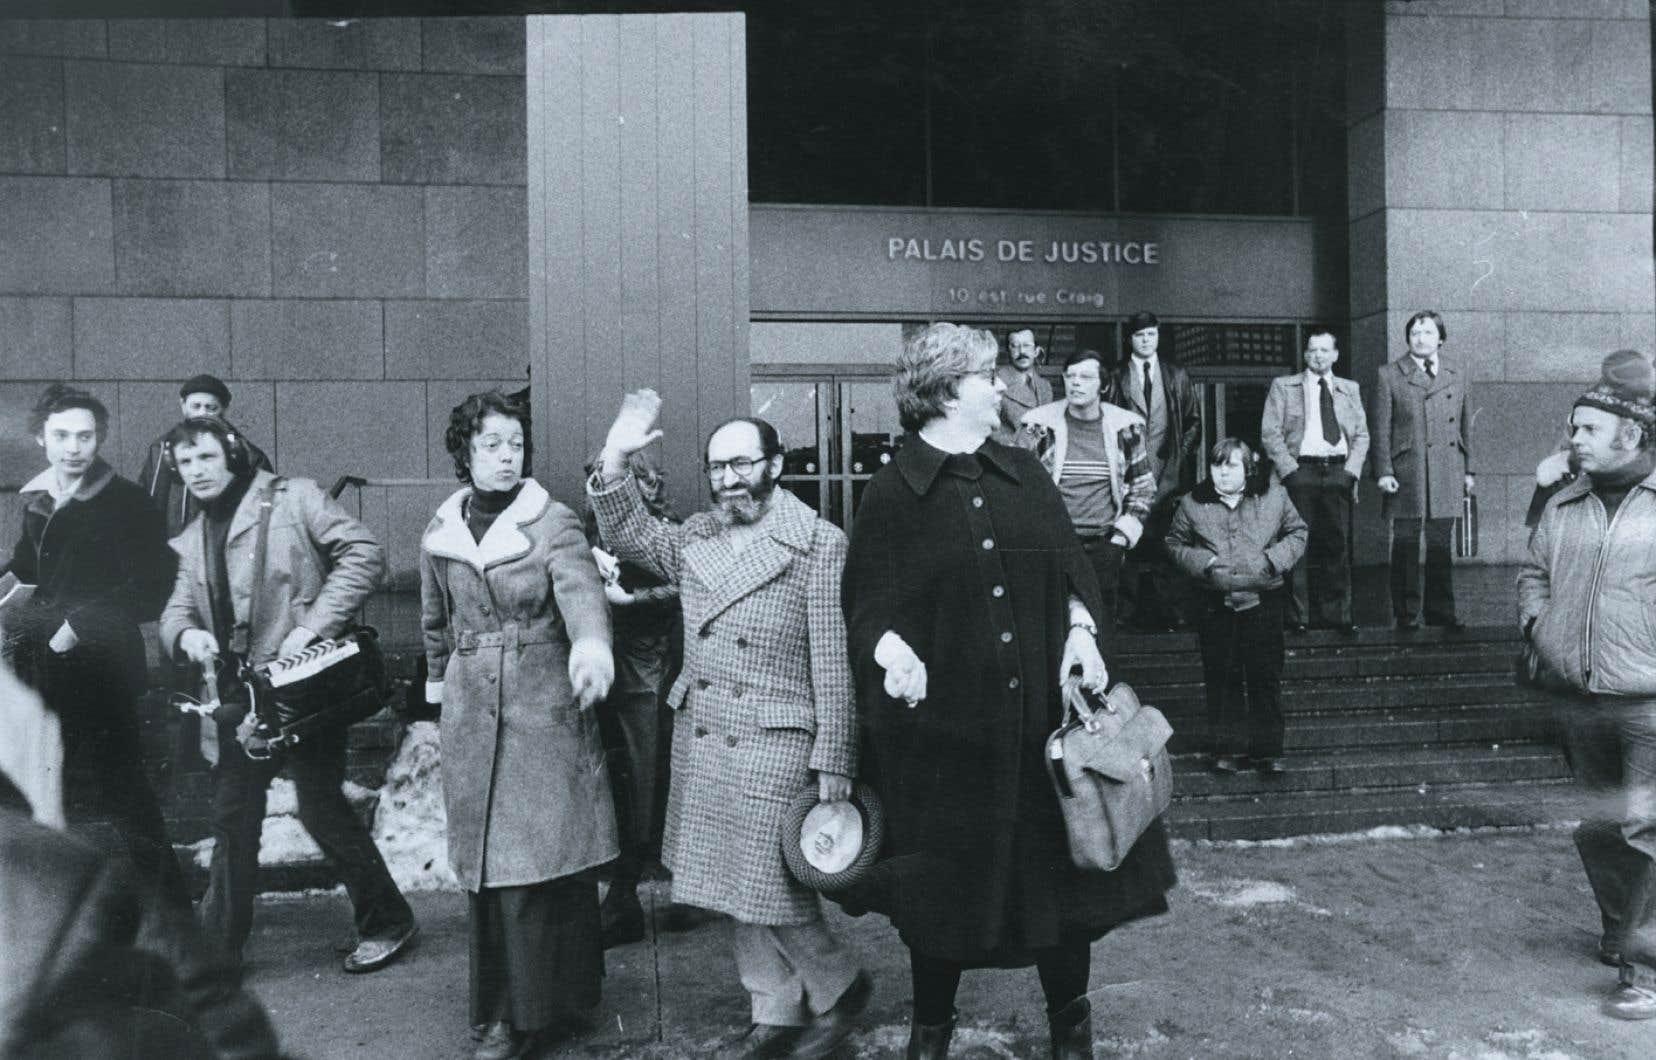 C'est le docteur Henry Morgentaler (au centre) qui avait intenté la poursuite en 2002 à la suite du refus par la province de payer pour les avortements à sa clinique.